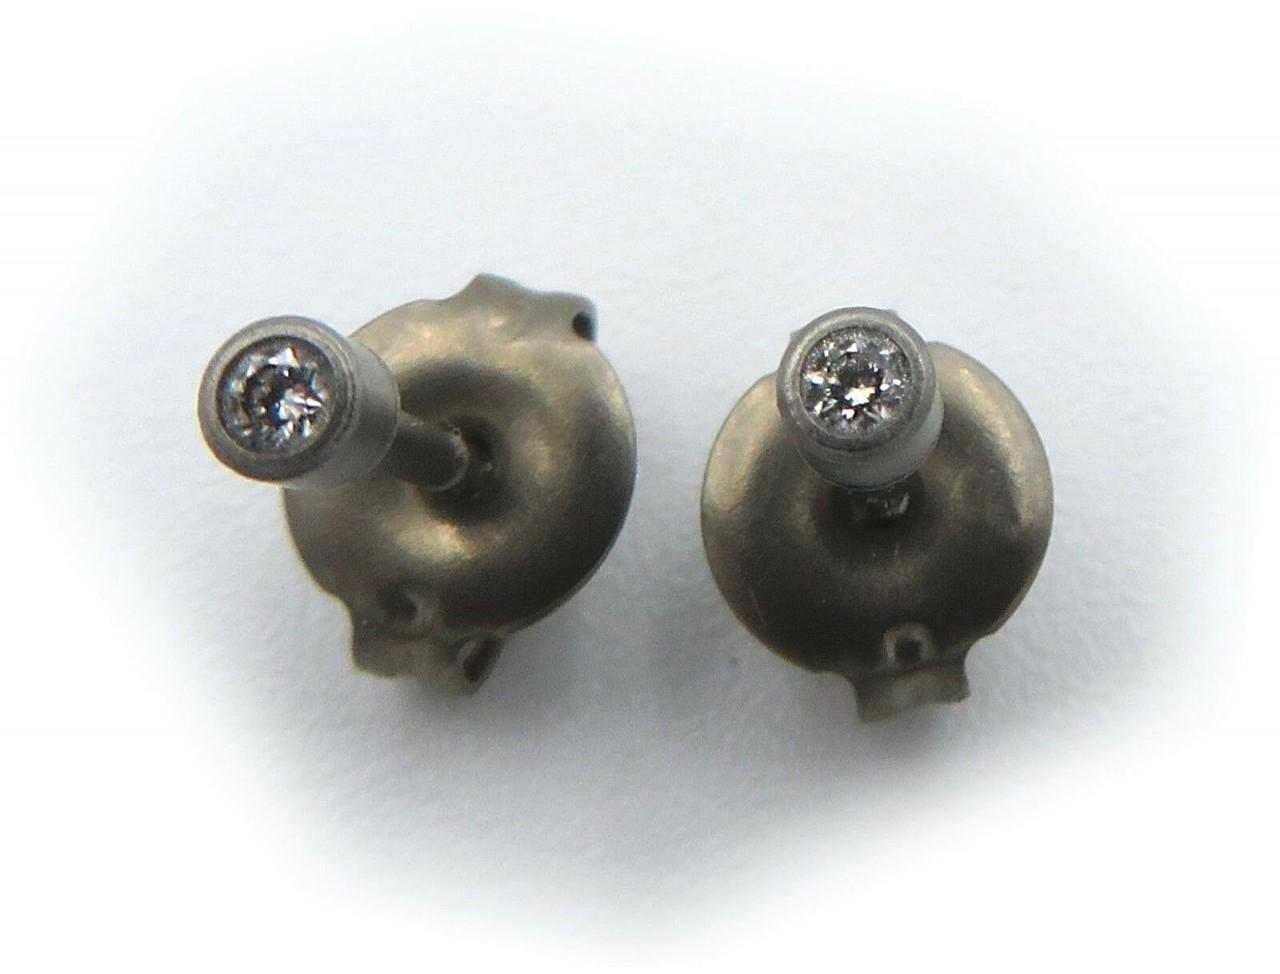 Neu hochwertige Ohrringe Titan mit Diamant 0,04c Stecker Ohrstecker Titanfactory